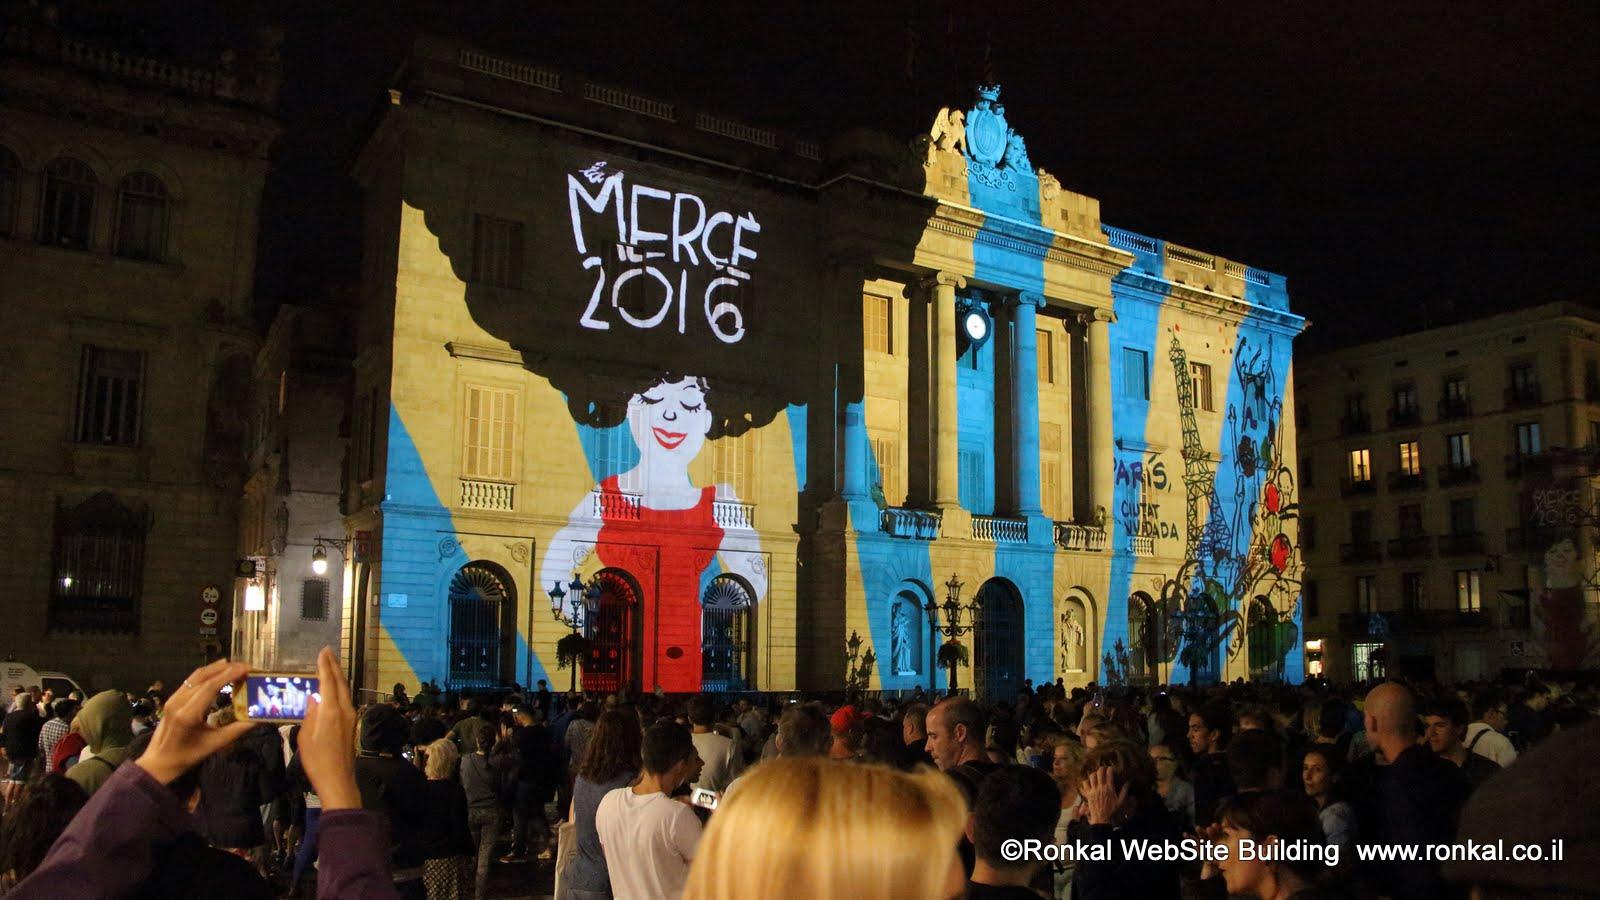 חגיגות לה-מרסה בברצלונה La Merce festival